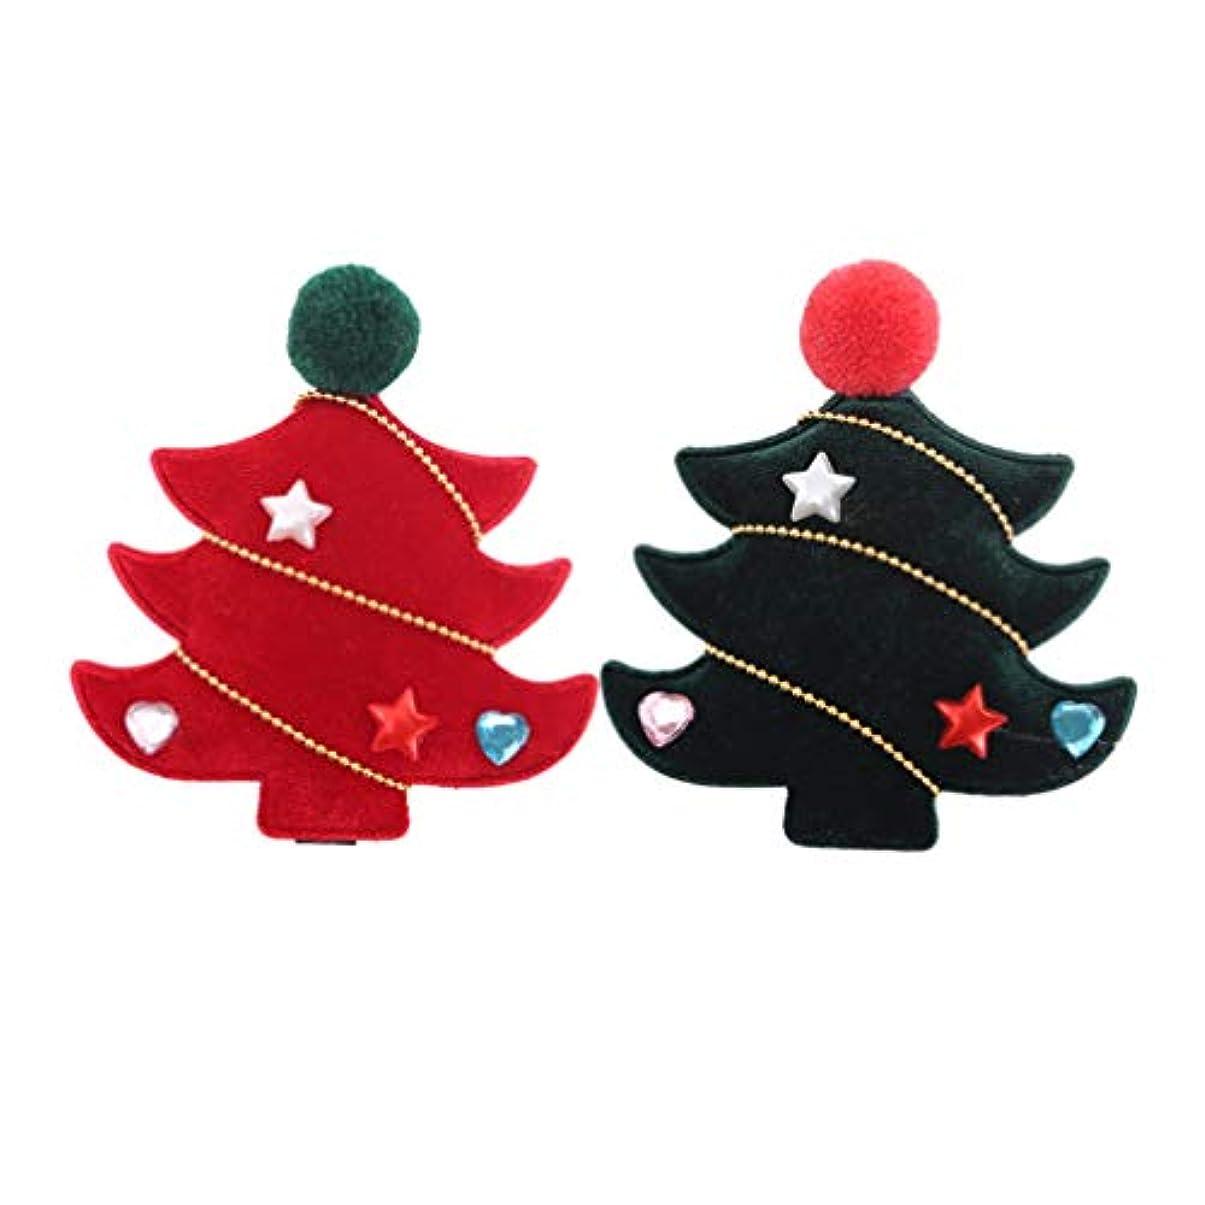 記念日ぼかすショッピングセンターSUPVOX 4ピースクリスマスツリーヘアクリップフランネルラブリークリスマスツリーヘアピンヘアアクセサリー用女の子キッズ子供